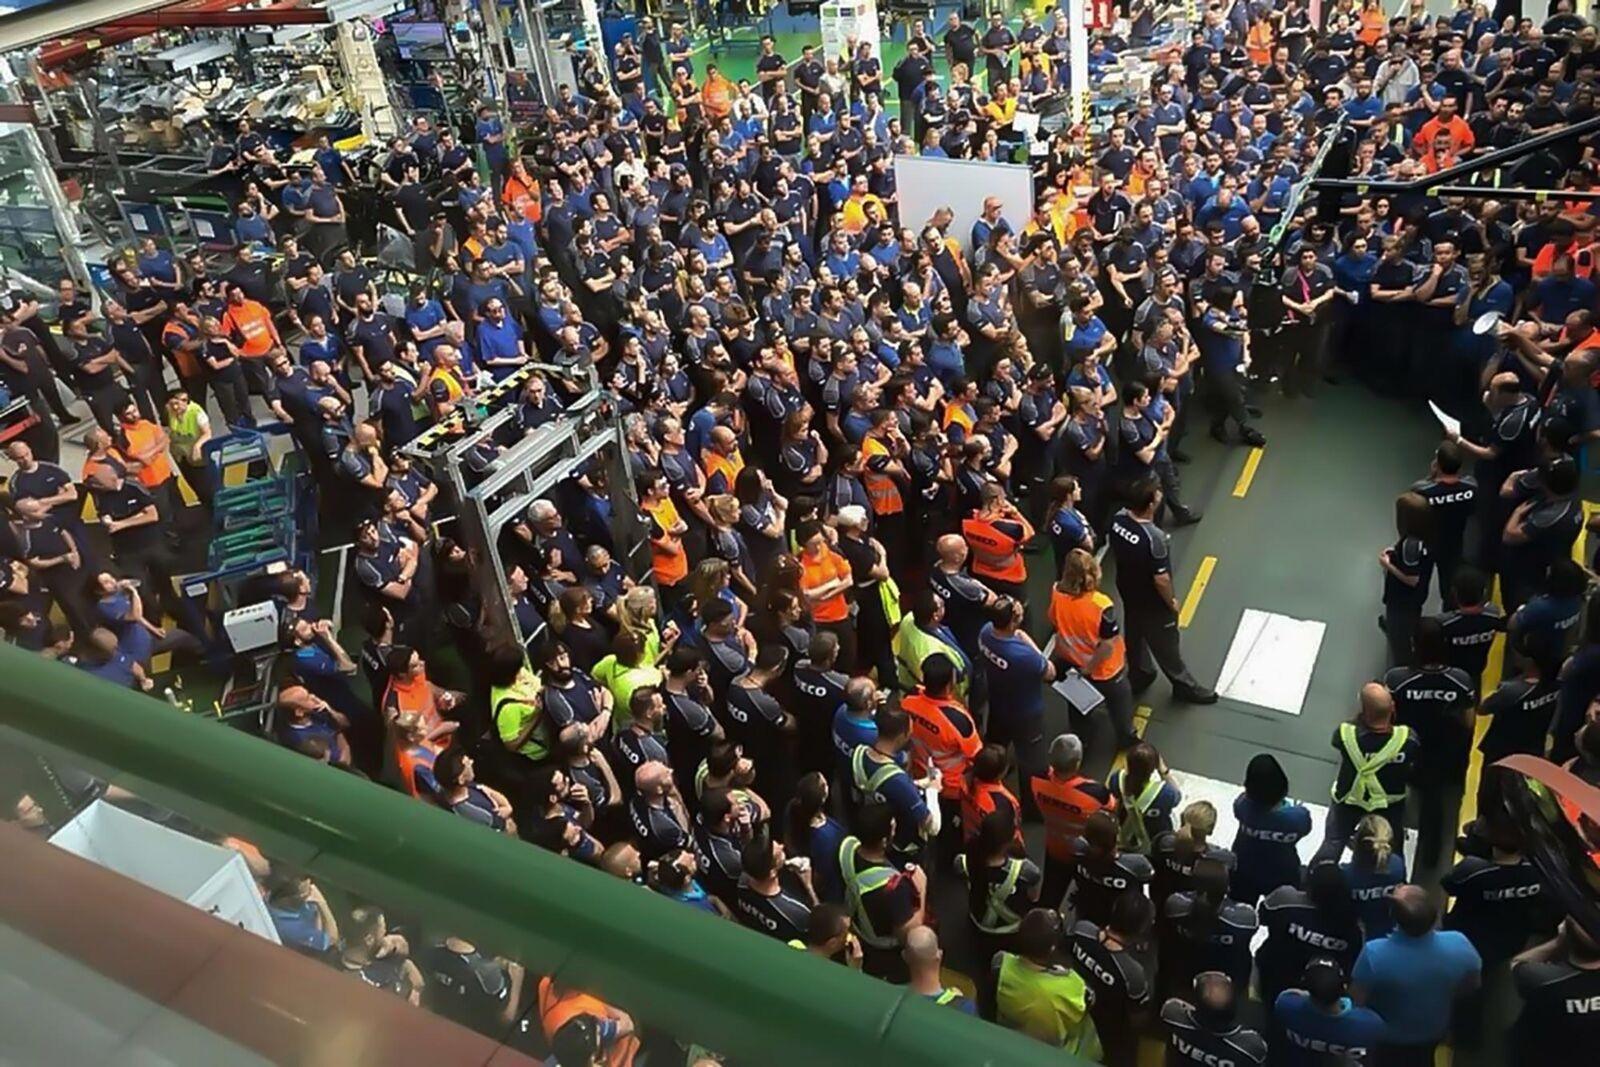 Los trabajadores de la fábrica de camiones de Iveco en Madrid, acordaron, tras dos asambleas, ir a la huelga el próximo 12 de septiembre, a consecuencia del despido de doce…